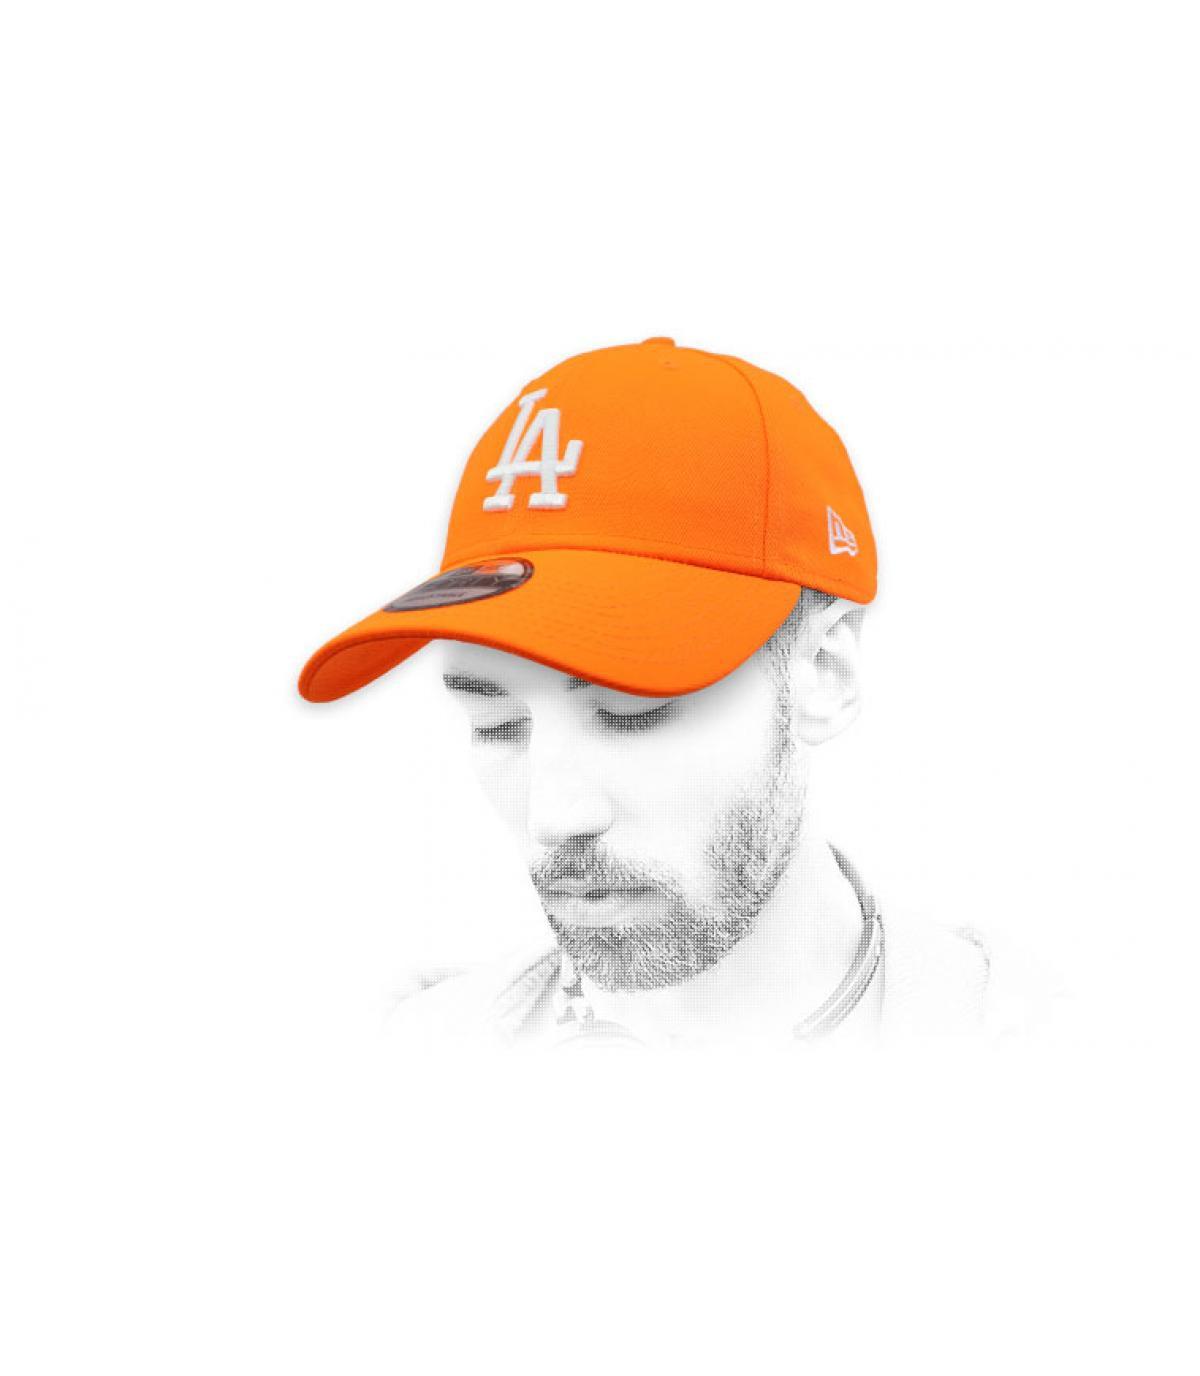 Cap LA leuchtend orange